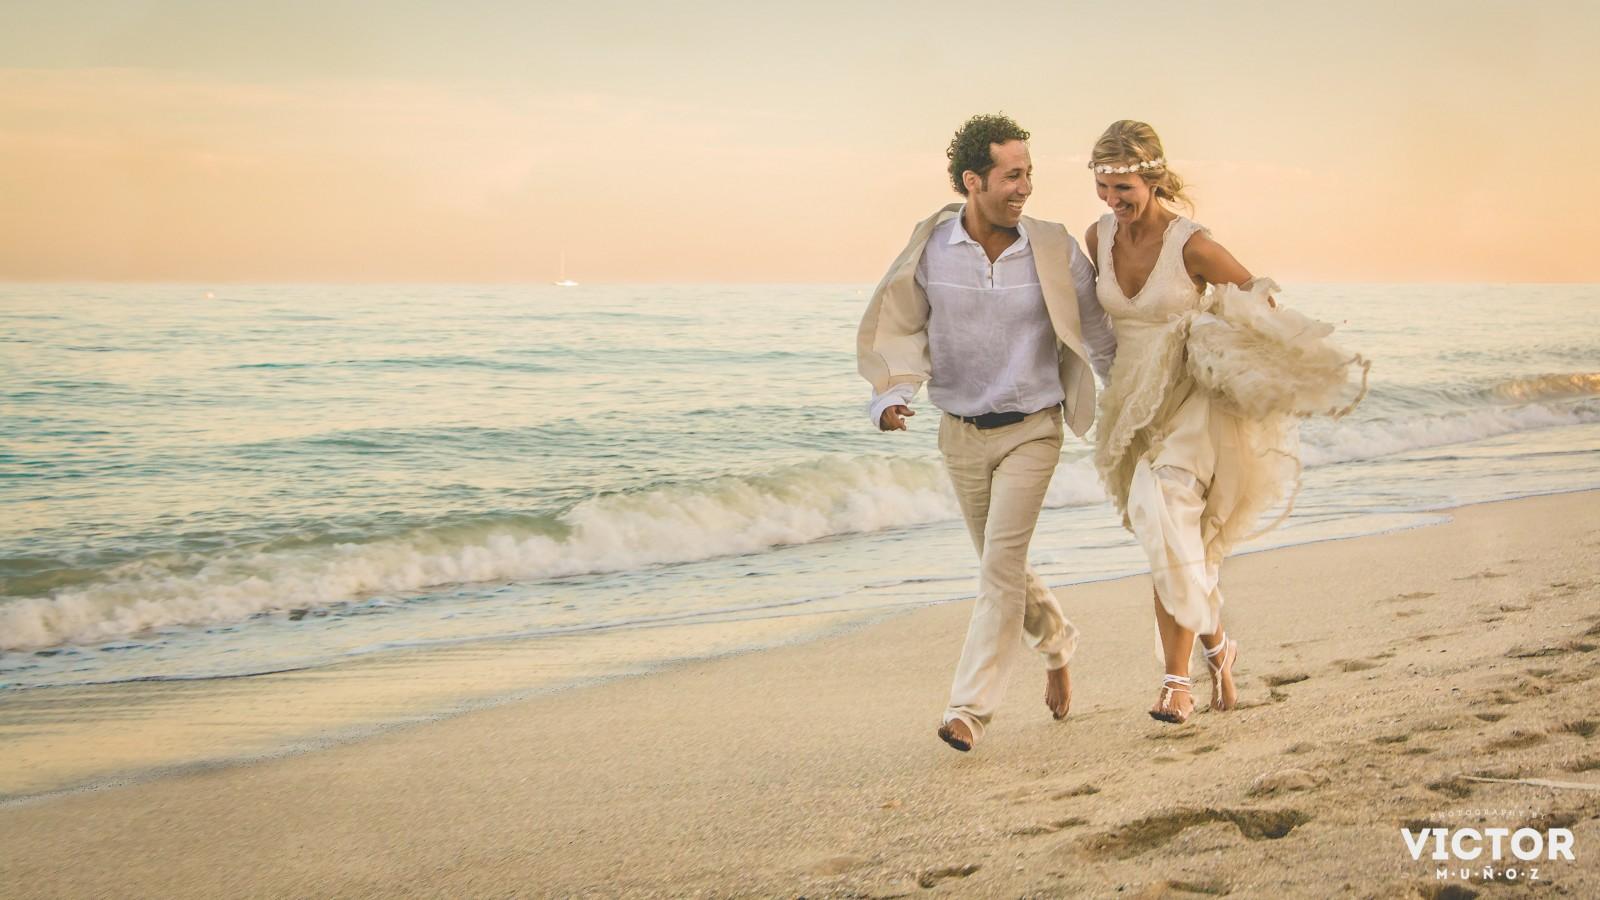 Fotógrafo de bodas en Málaga y Marbella. Fotografías diferentes, naturales y espontáneas.